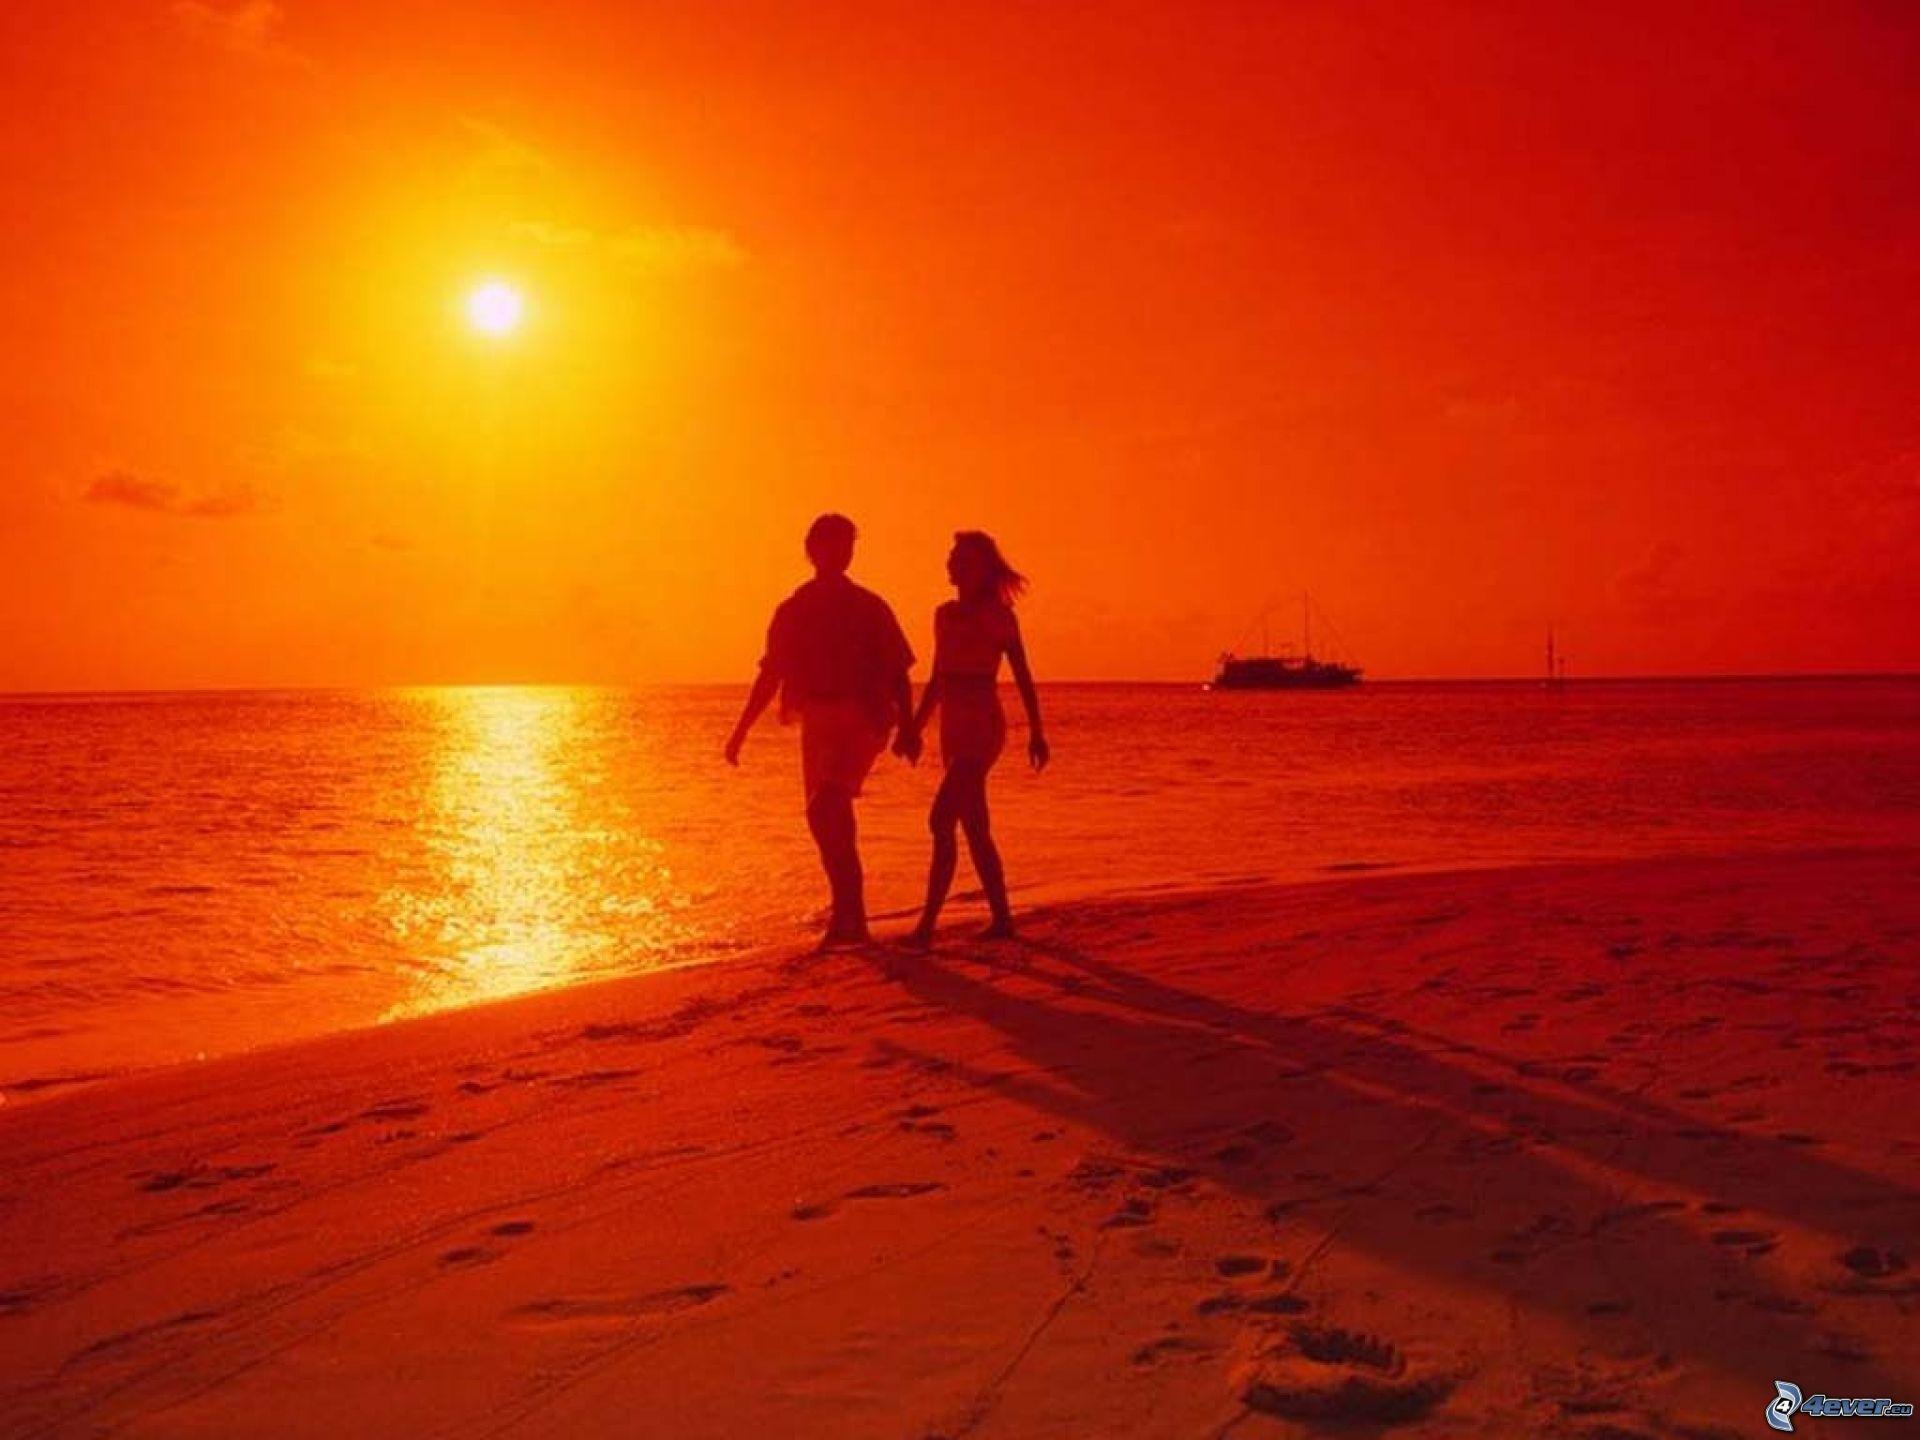 Zalazak sunca  - Page 3 -obrazky.4ever.sk--parik-pri-mori--zapad-slnka--more-151912